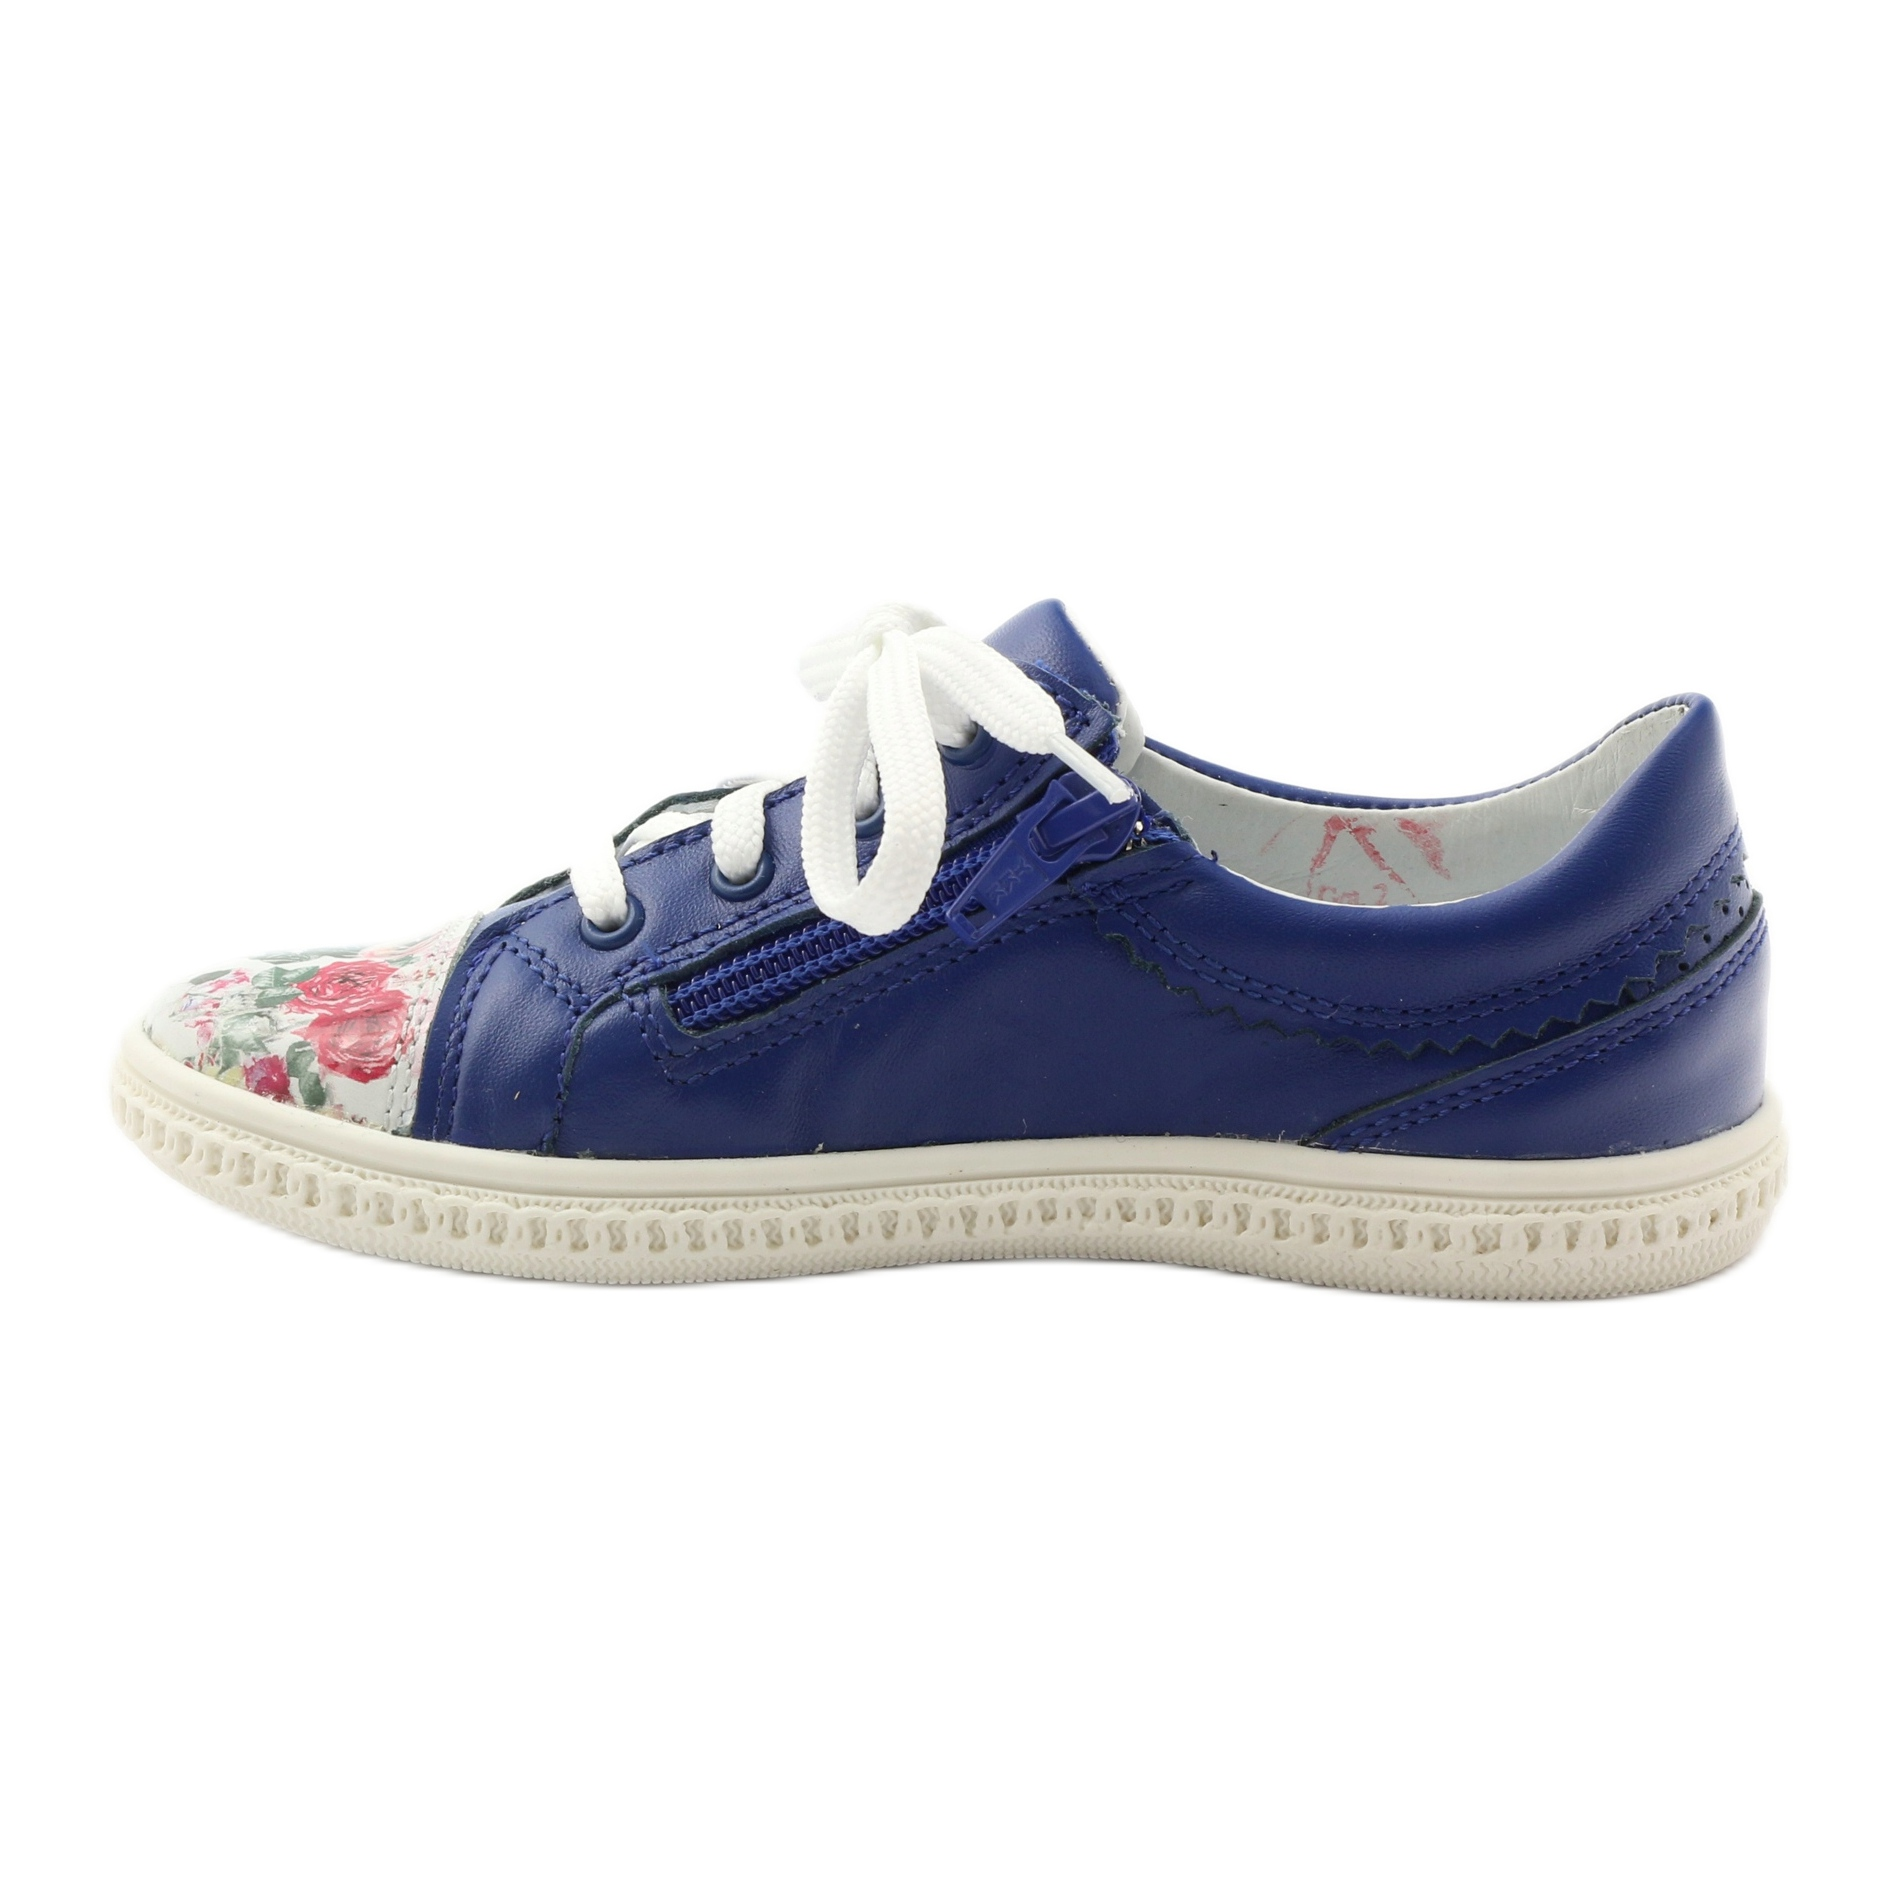 Scarpe-basse-per-bambina-fiori-Bartek-15524-blu-multicolore miniatura 3